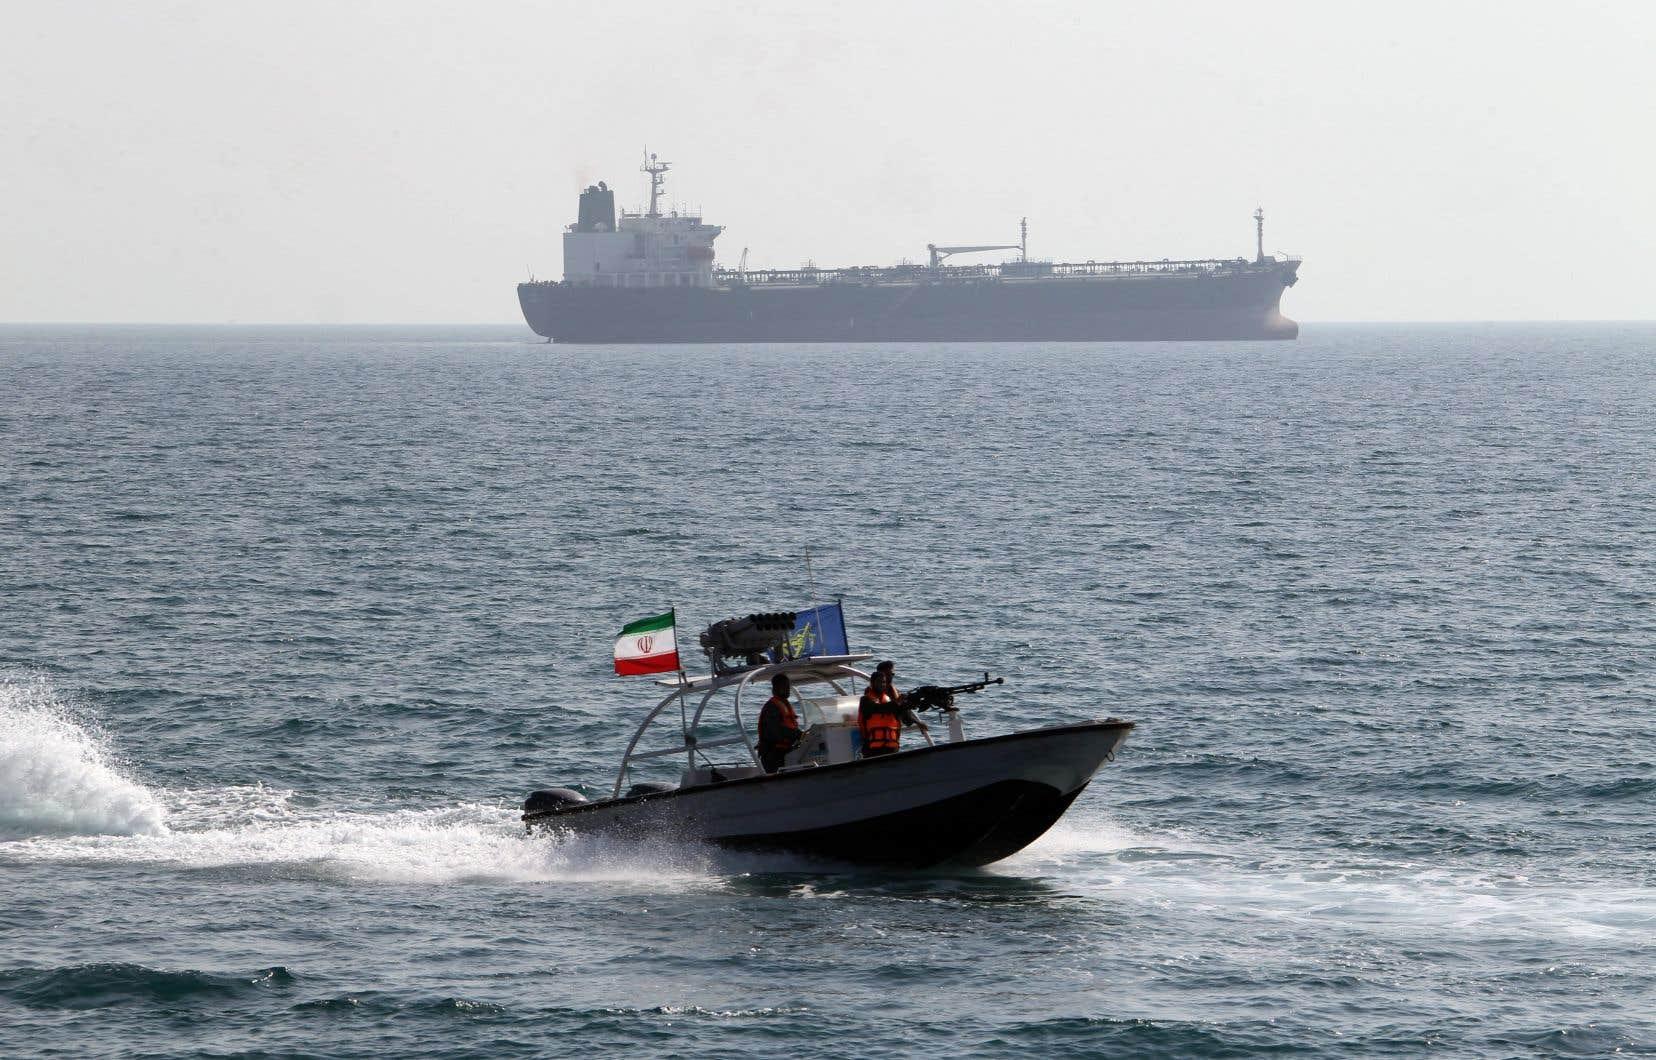 L'Iran a saisi un pétrolier étranger dans le Golfe, ont annoncé les médias le 4 août, lors de la troisième saisie de ce type en un mois, alors que la tension avec son ennemi américain était exacerbée.